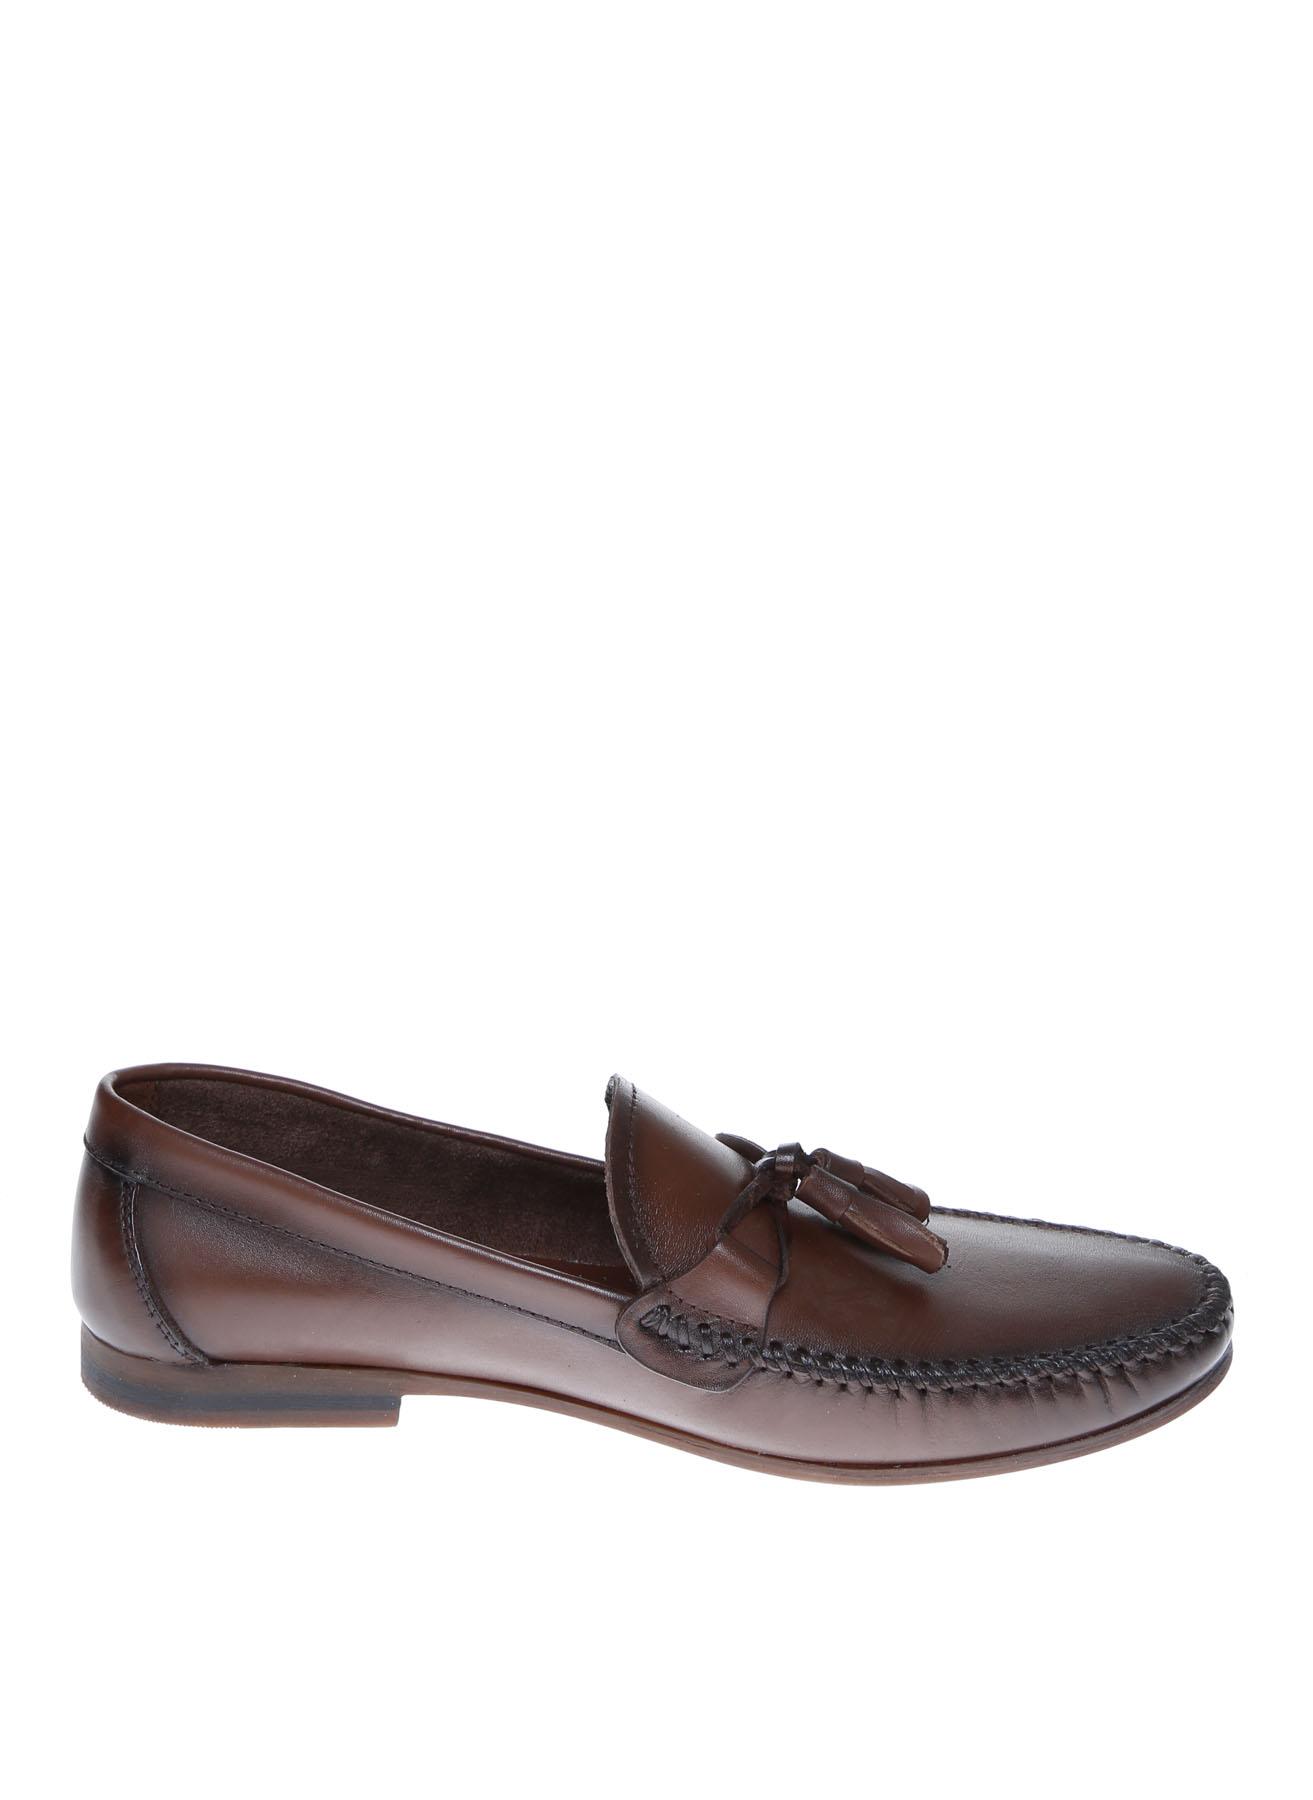 Cotton Bar Erkek Kahverengi Deri Klasik Ayakkabı 40 5001909577001 Ürün Resmi